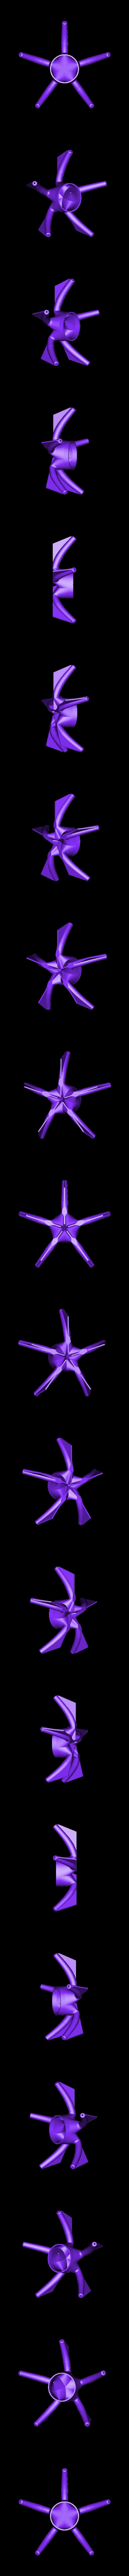 flor_2.stl Télécharger fichier STL gratuit mangeoire pour colibri • Modèle pour imprimante 3D, saginau